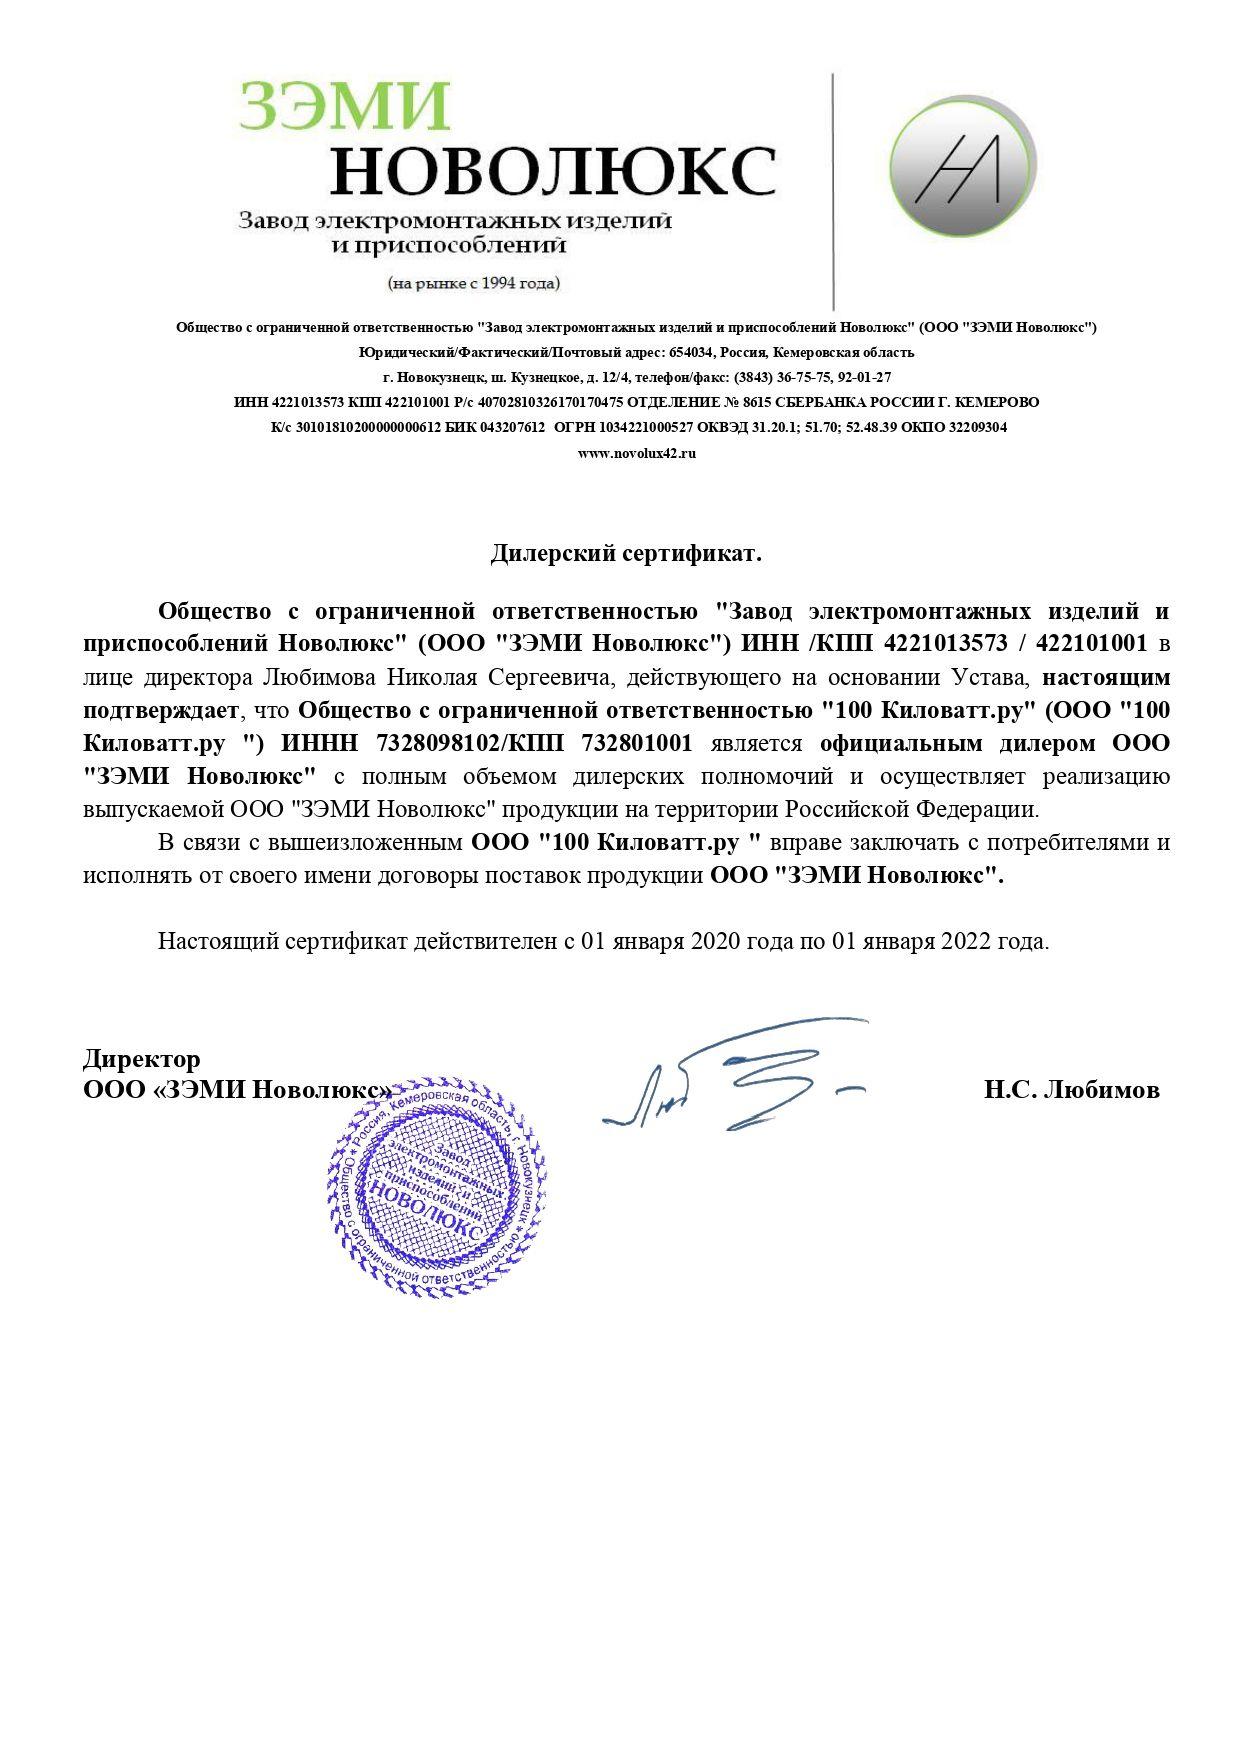 ЗЭМИ Новолюкс - сертификат дилера